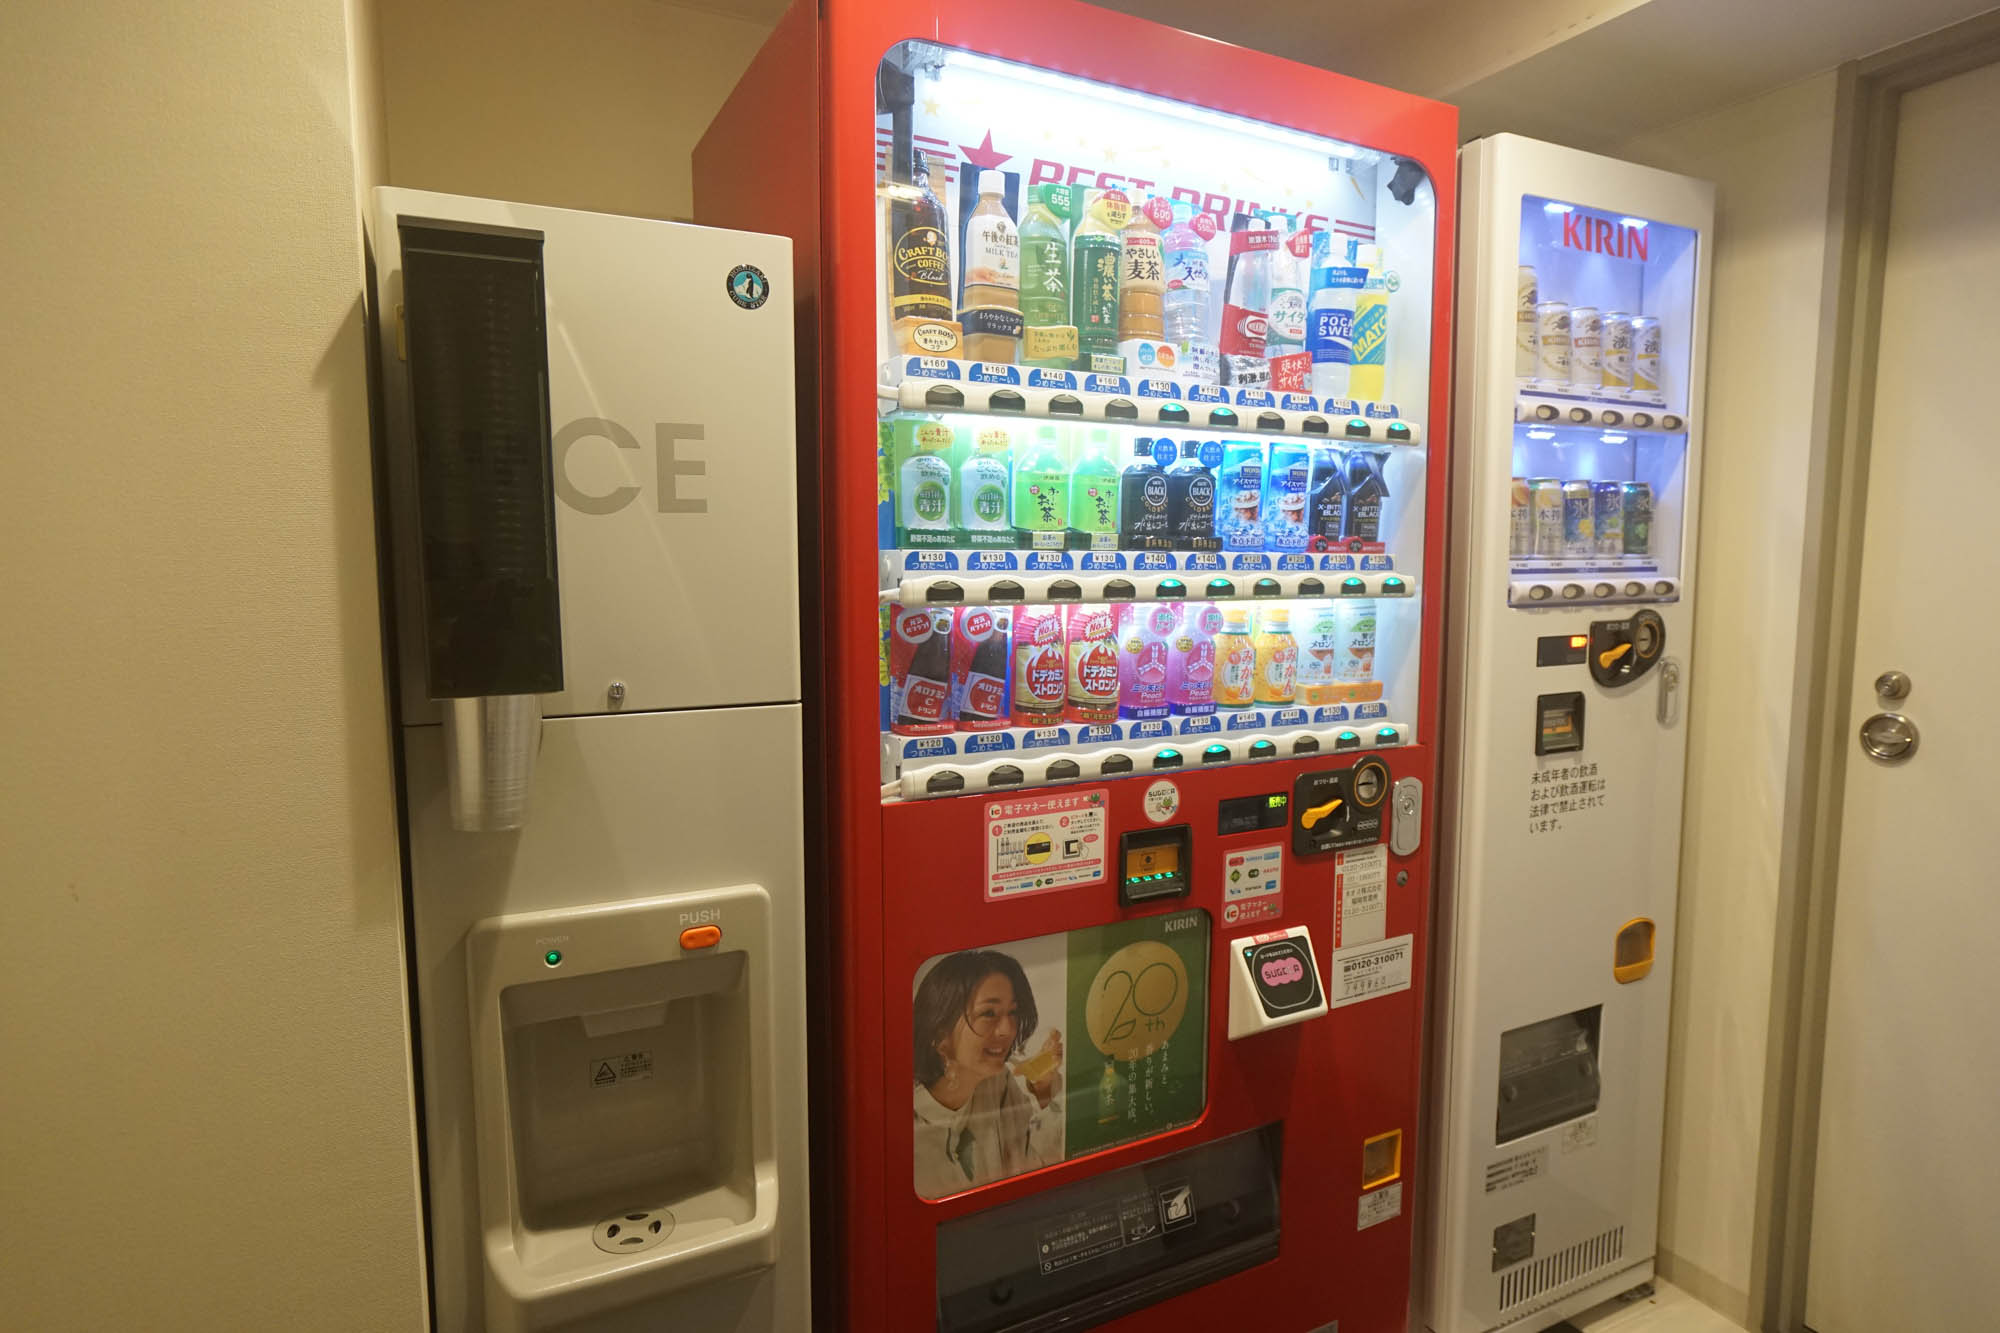 自販機にはアルコール類もあります。